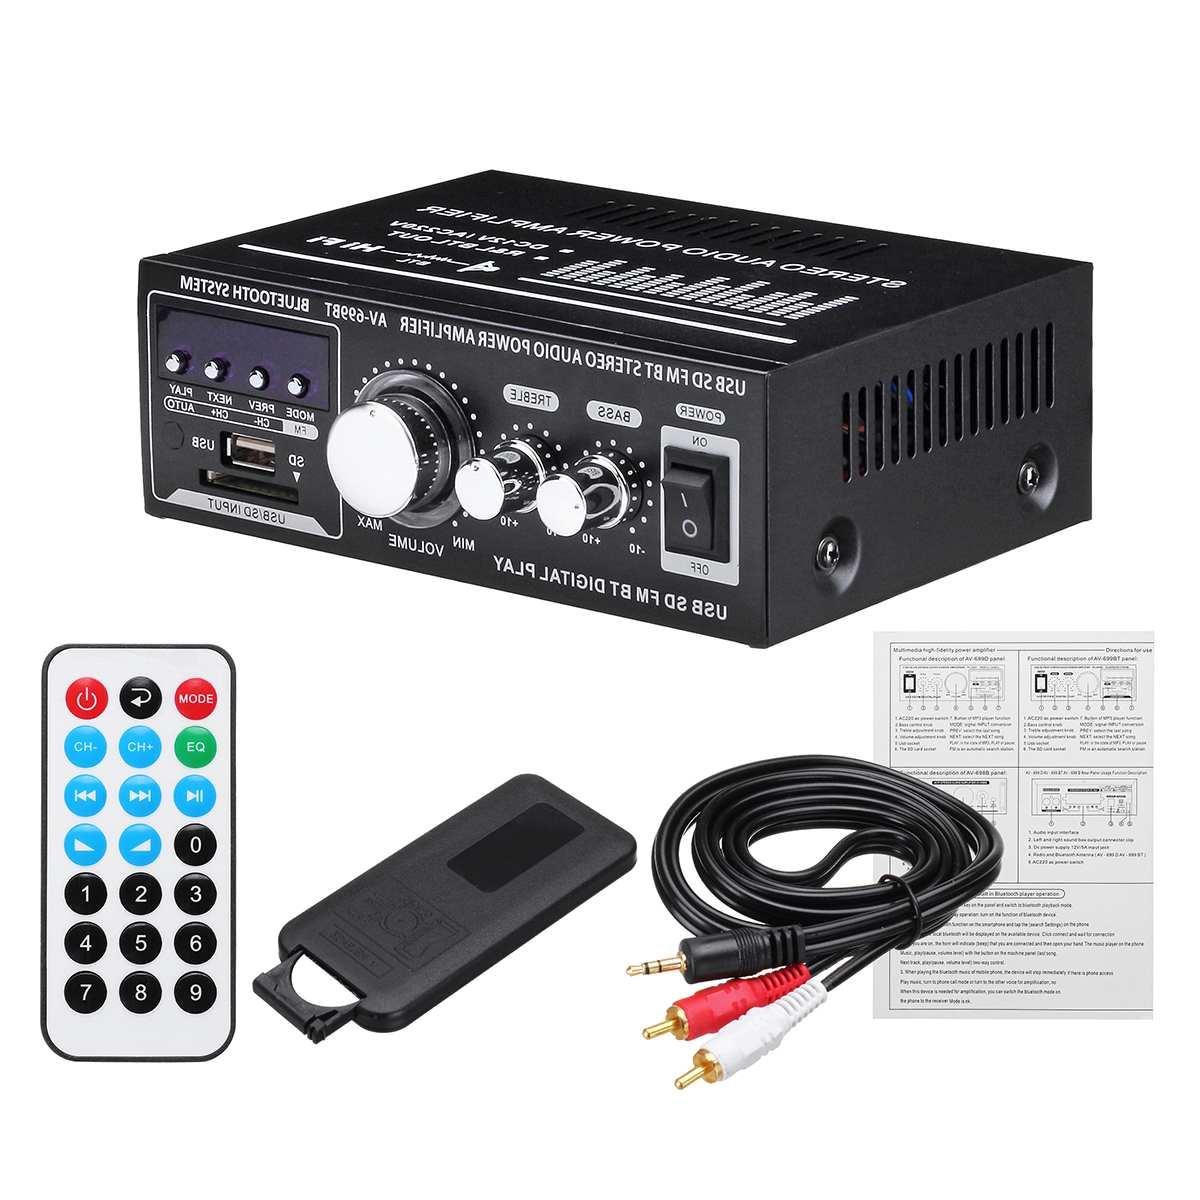 музыкальный MP3-плеер; цифровой аудио усилитель; музыкальный MP3-плеер; музыкальный MP3-плеер;